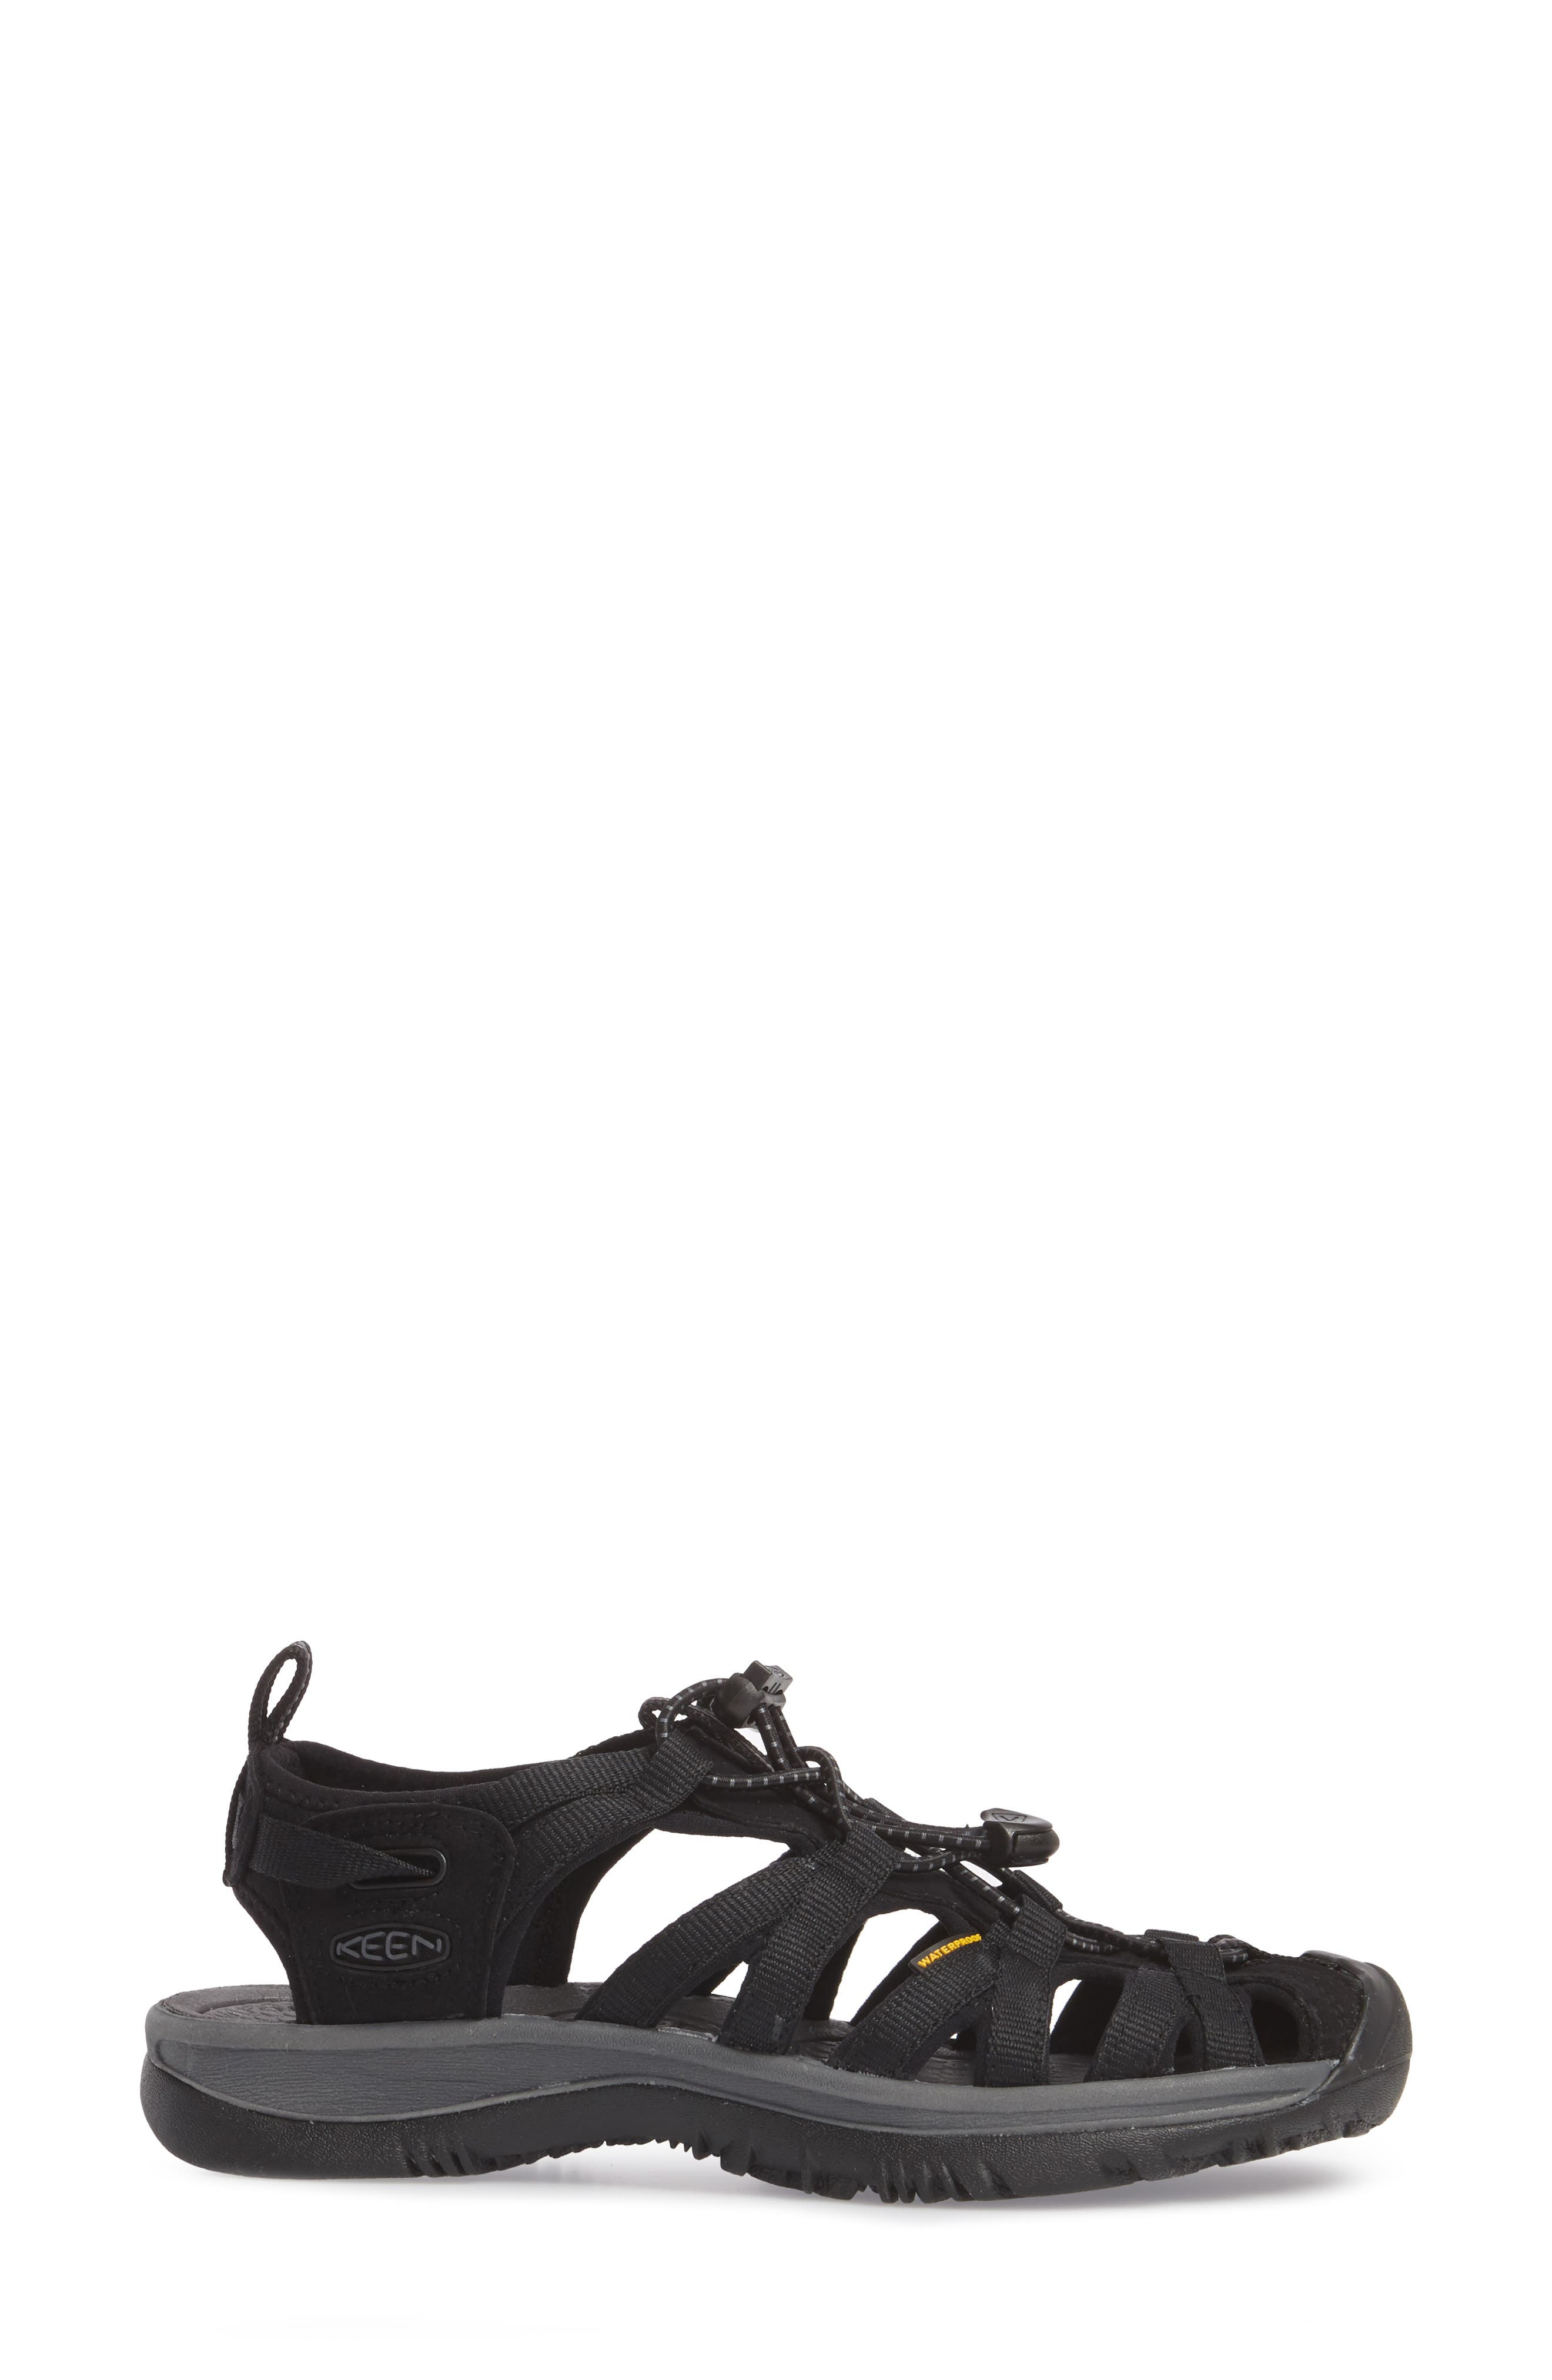 'Whisper' Water Friendly Sport Sandal,                             Alternate thumbnail 3, color,                             BLACK/ MAGNET